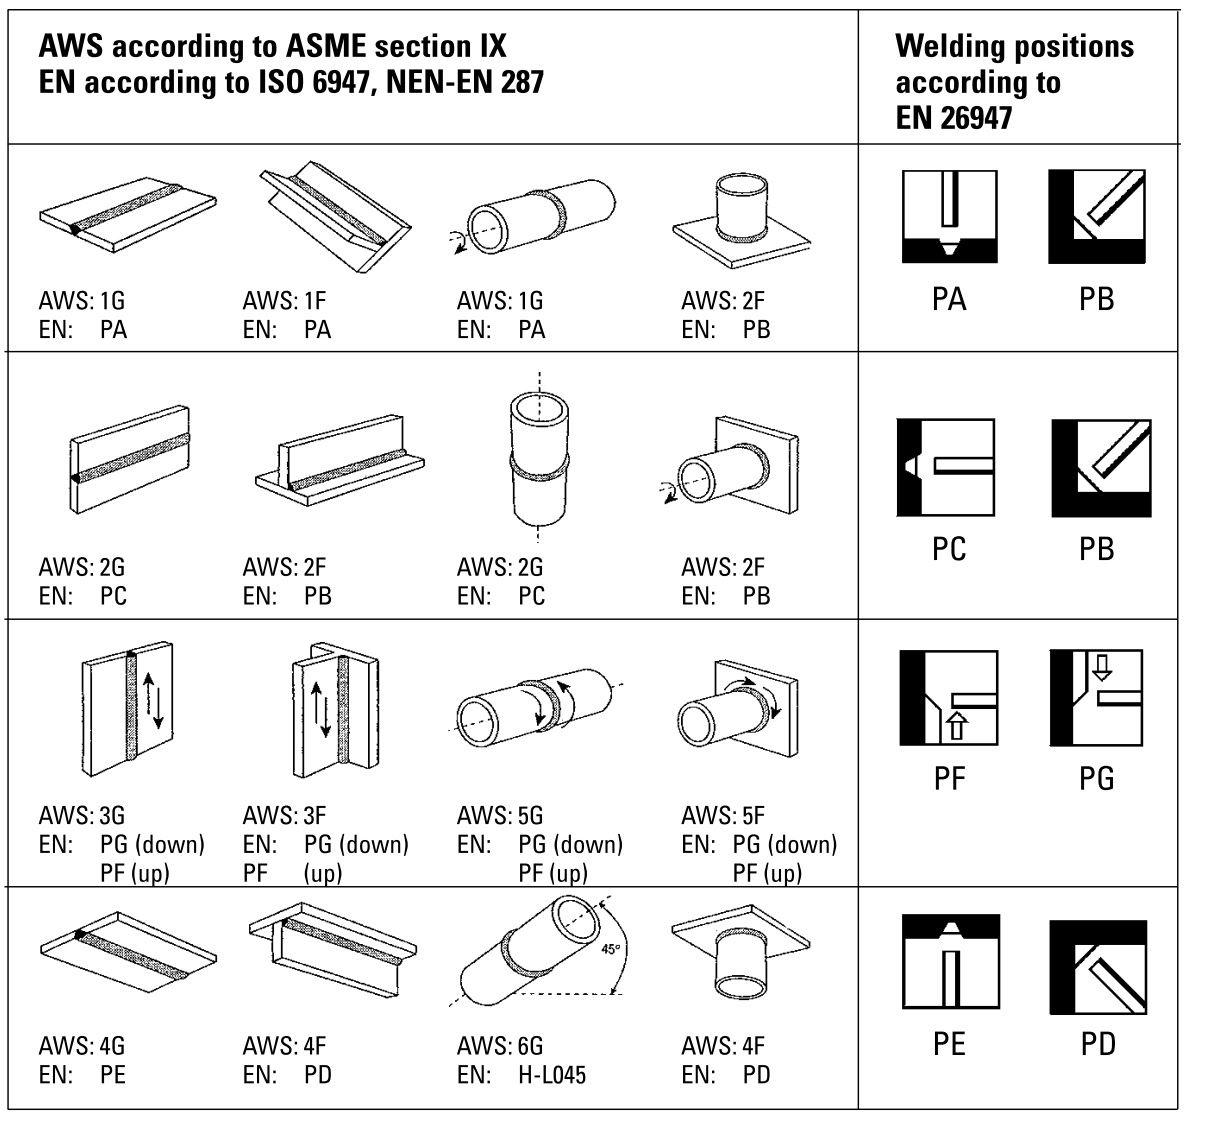 hasil gambar untuk 6g welding position model pinterest welding 2g pipe welding 6g welding position diagram [ 1216 x 1128 Pixel ]